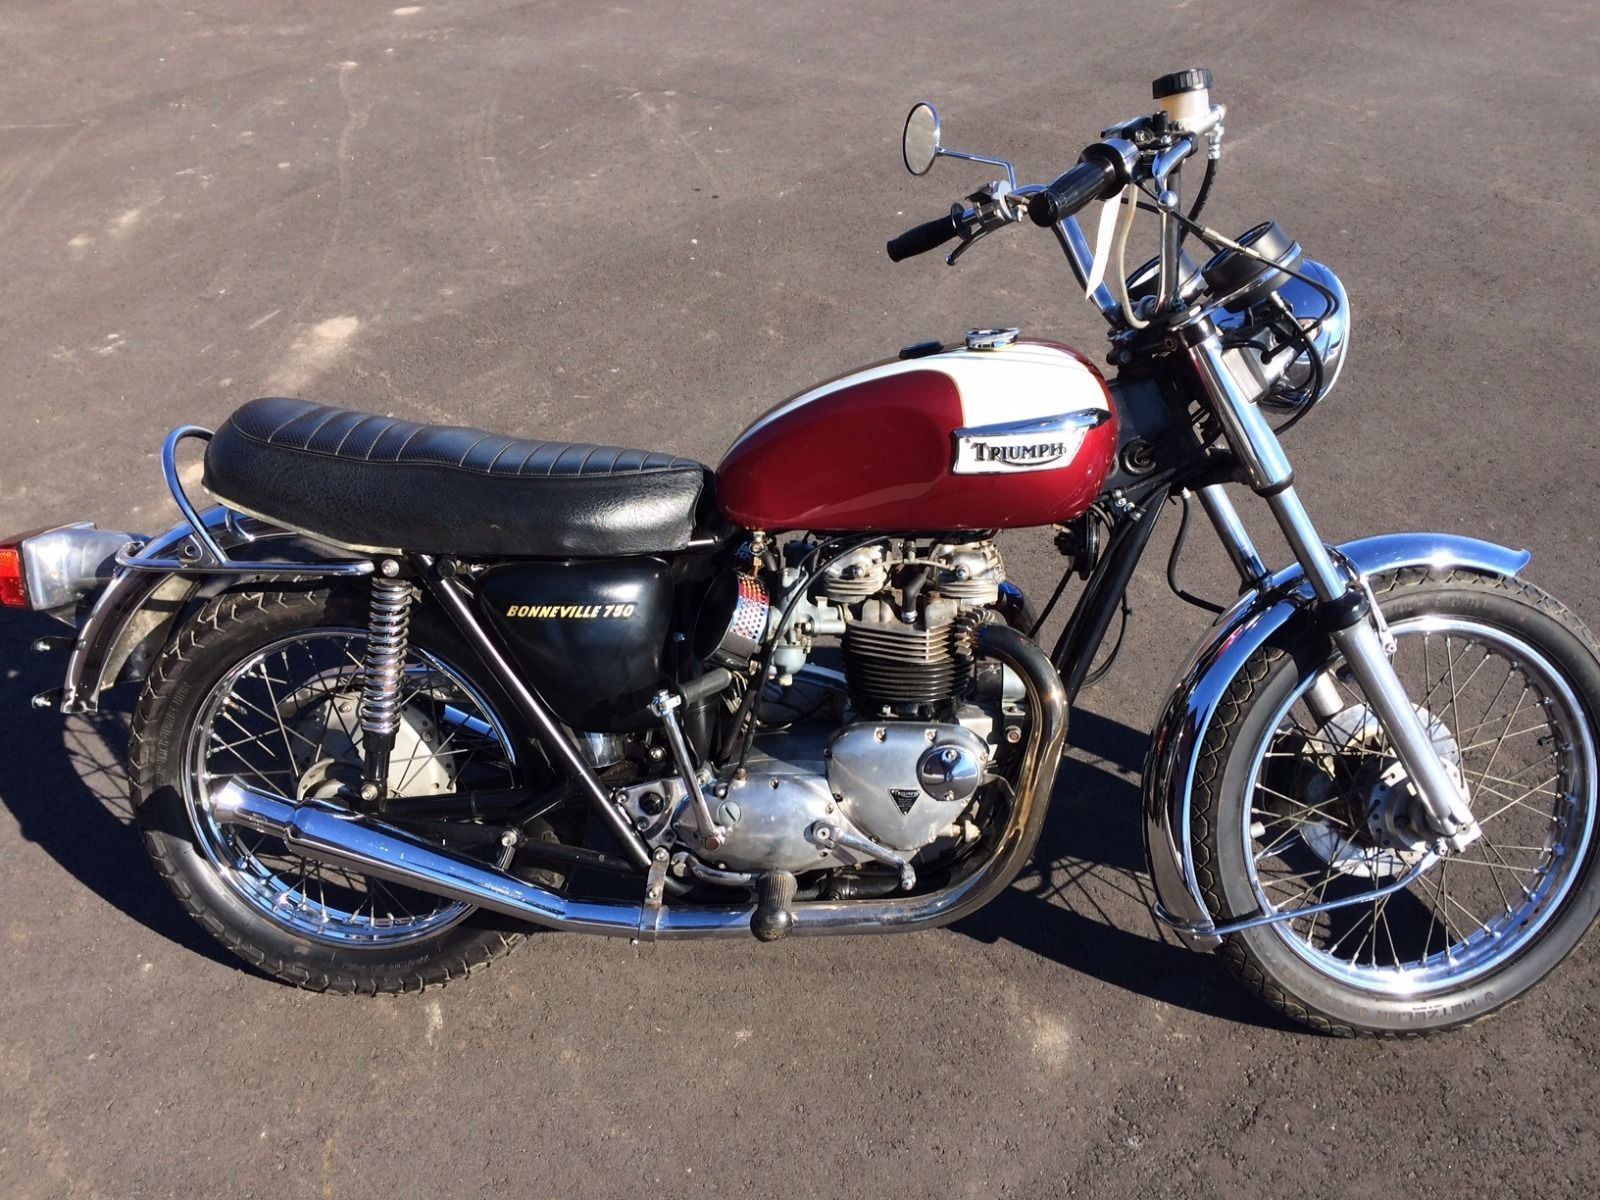 Triumph Bonneville Triumph Motorcycles For Sale